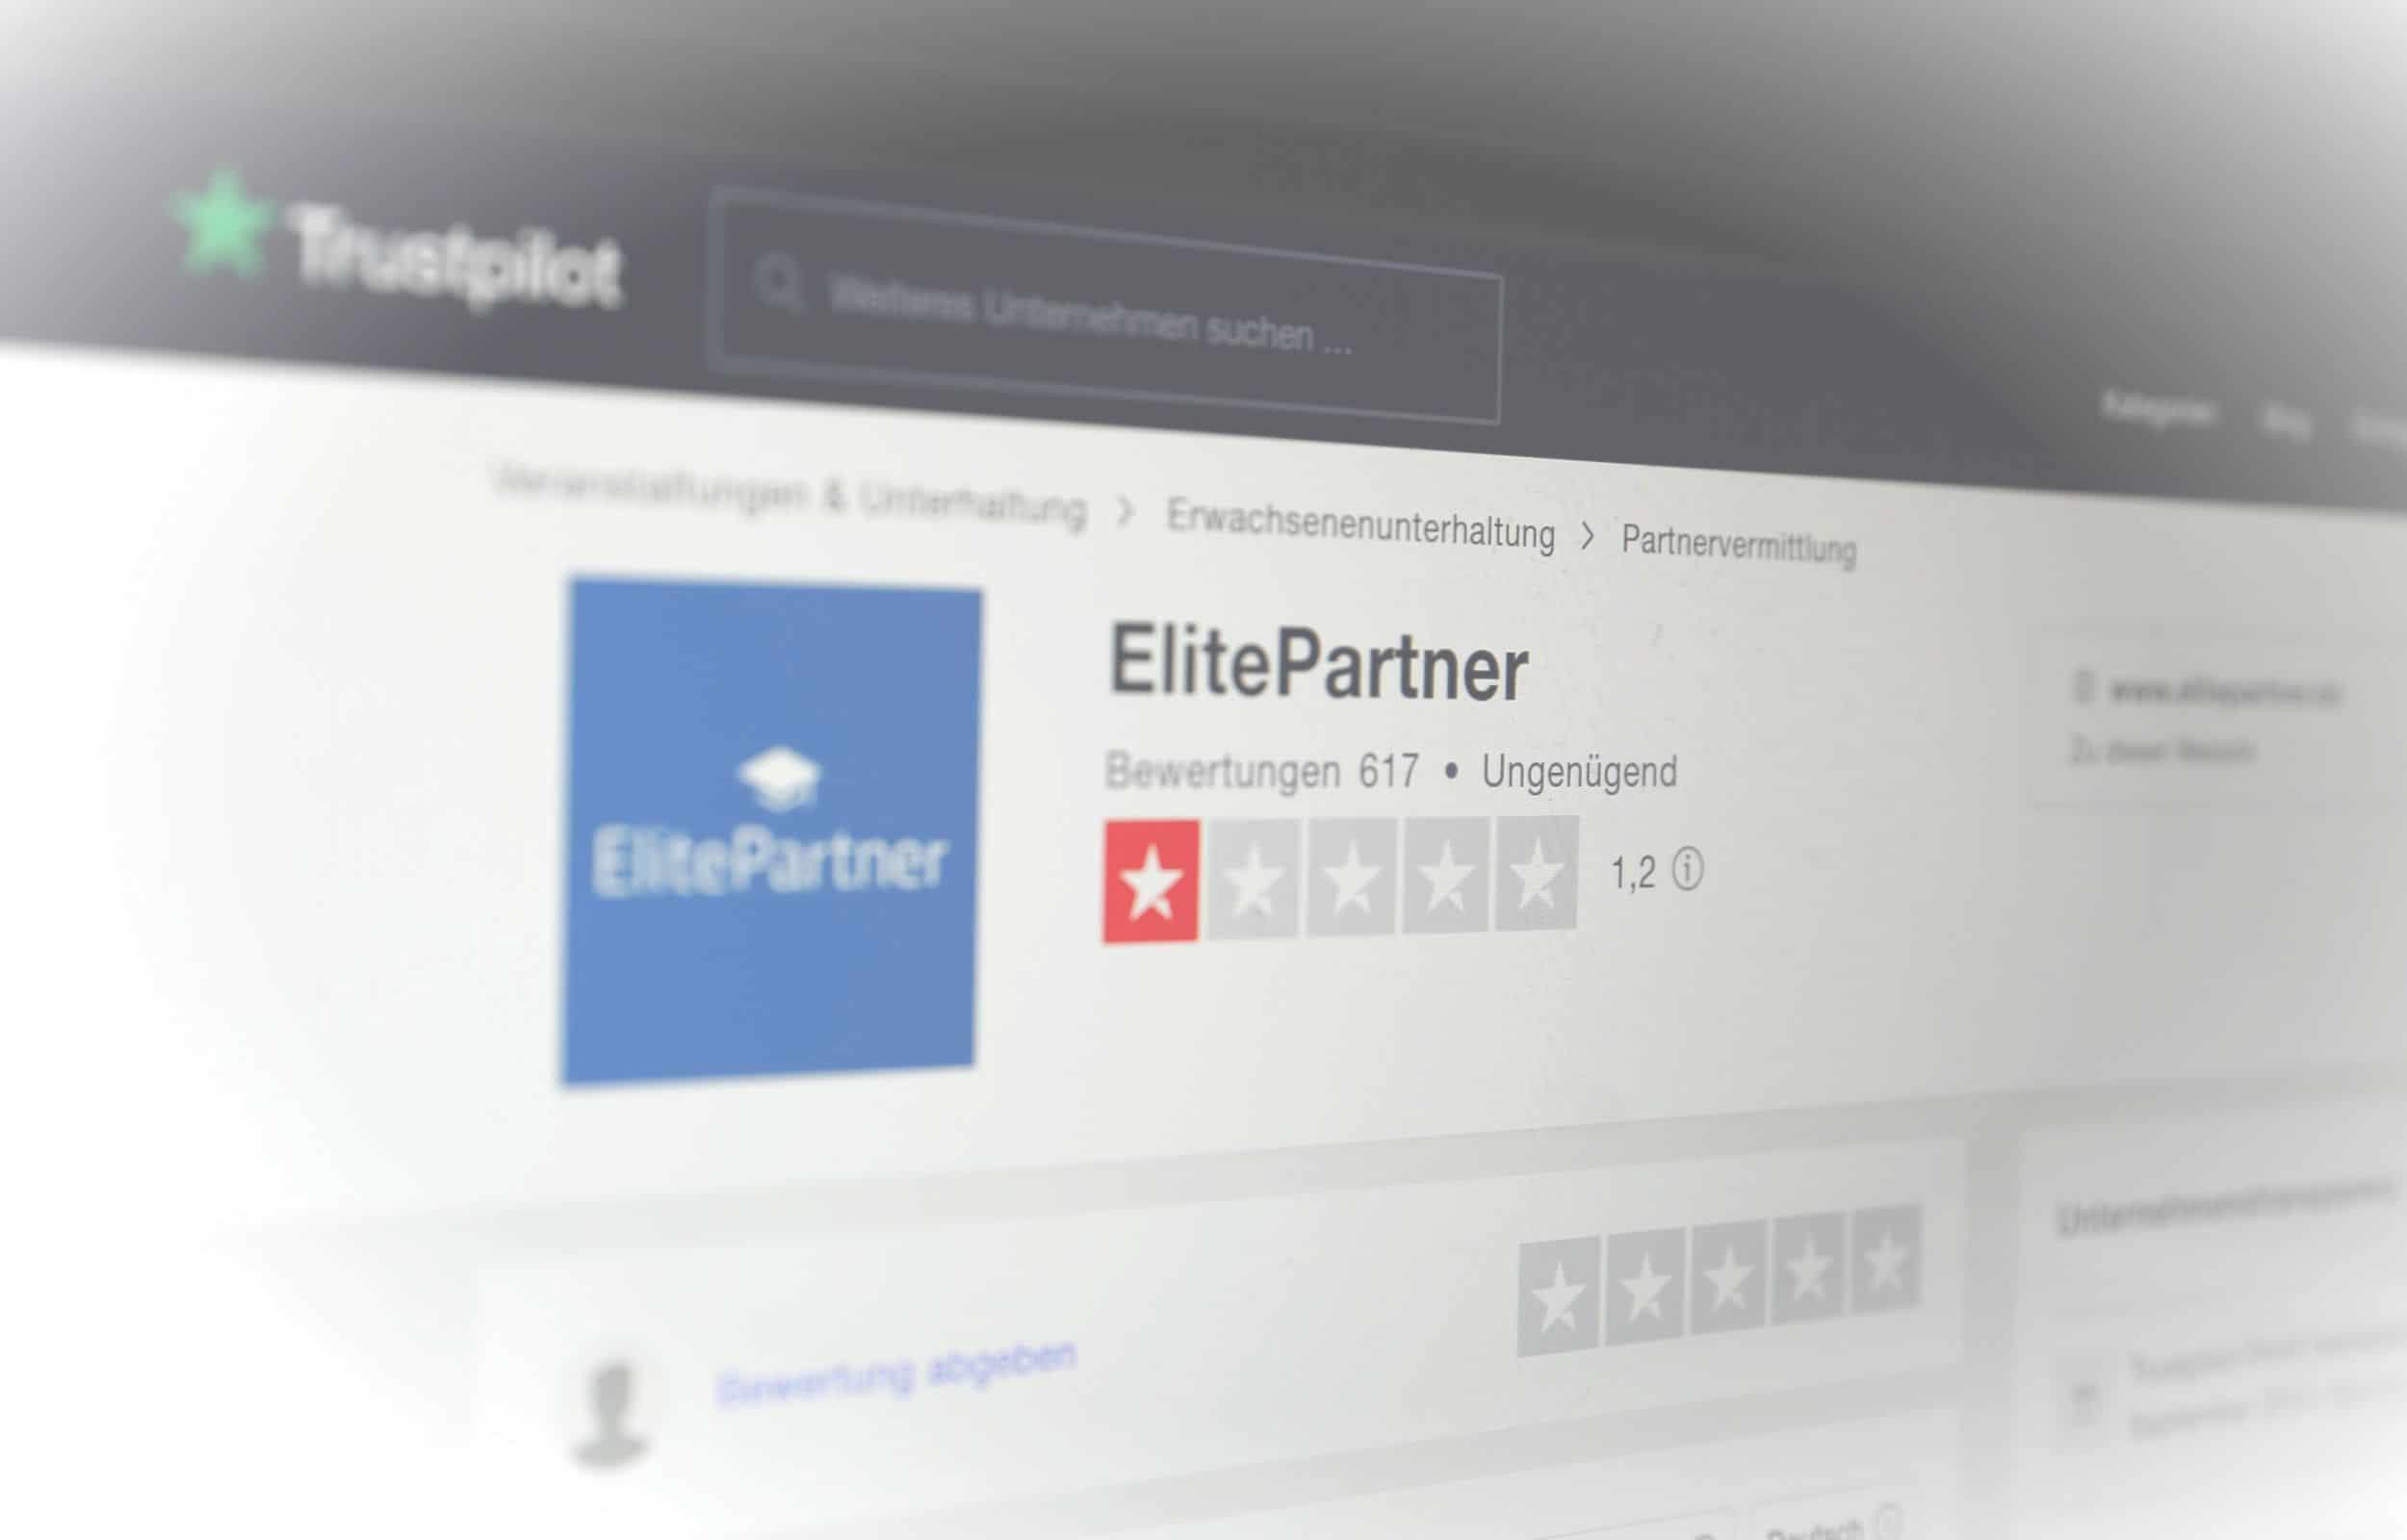 Erfahrungsberichte über Elitepartner auf Trustpilot